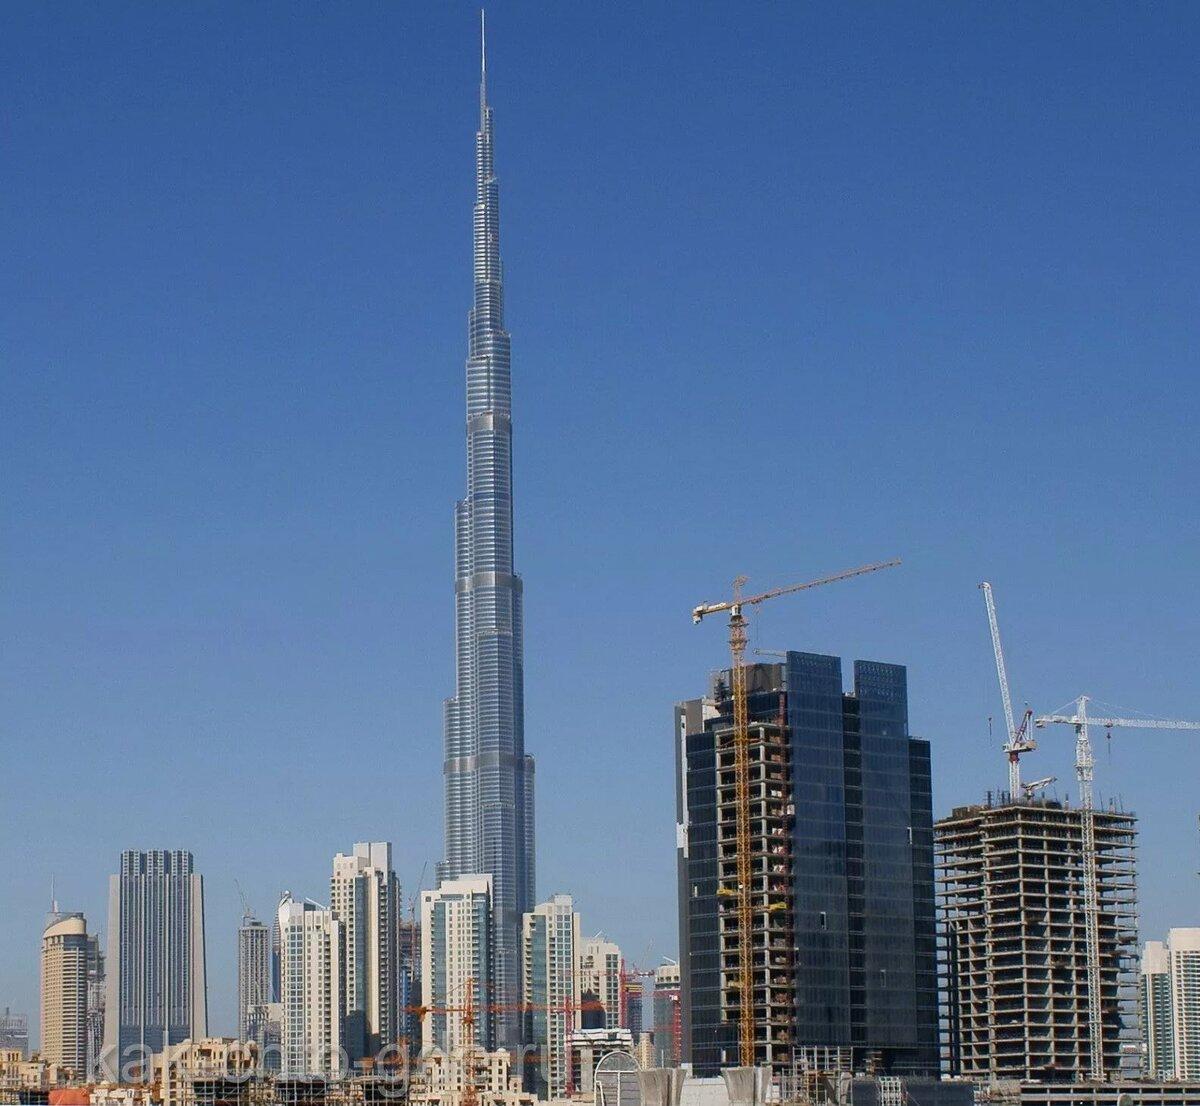 самые высокие небоскребы мира фото раз